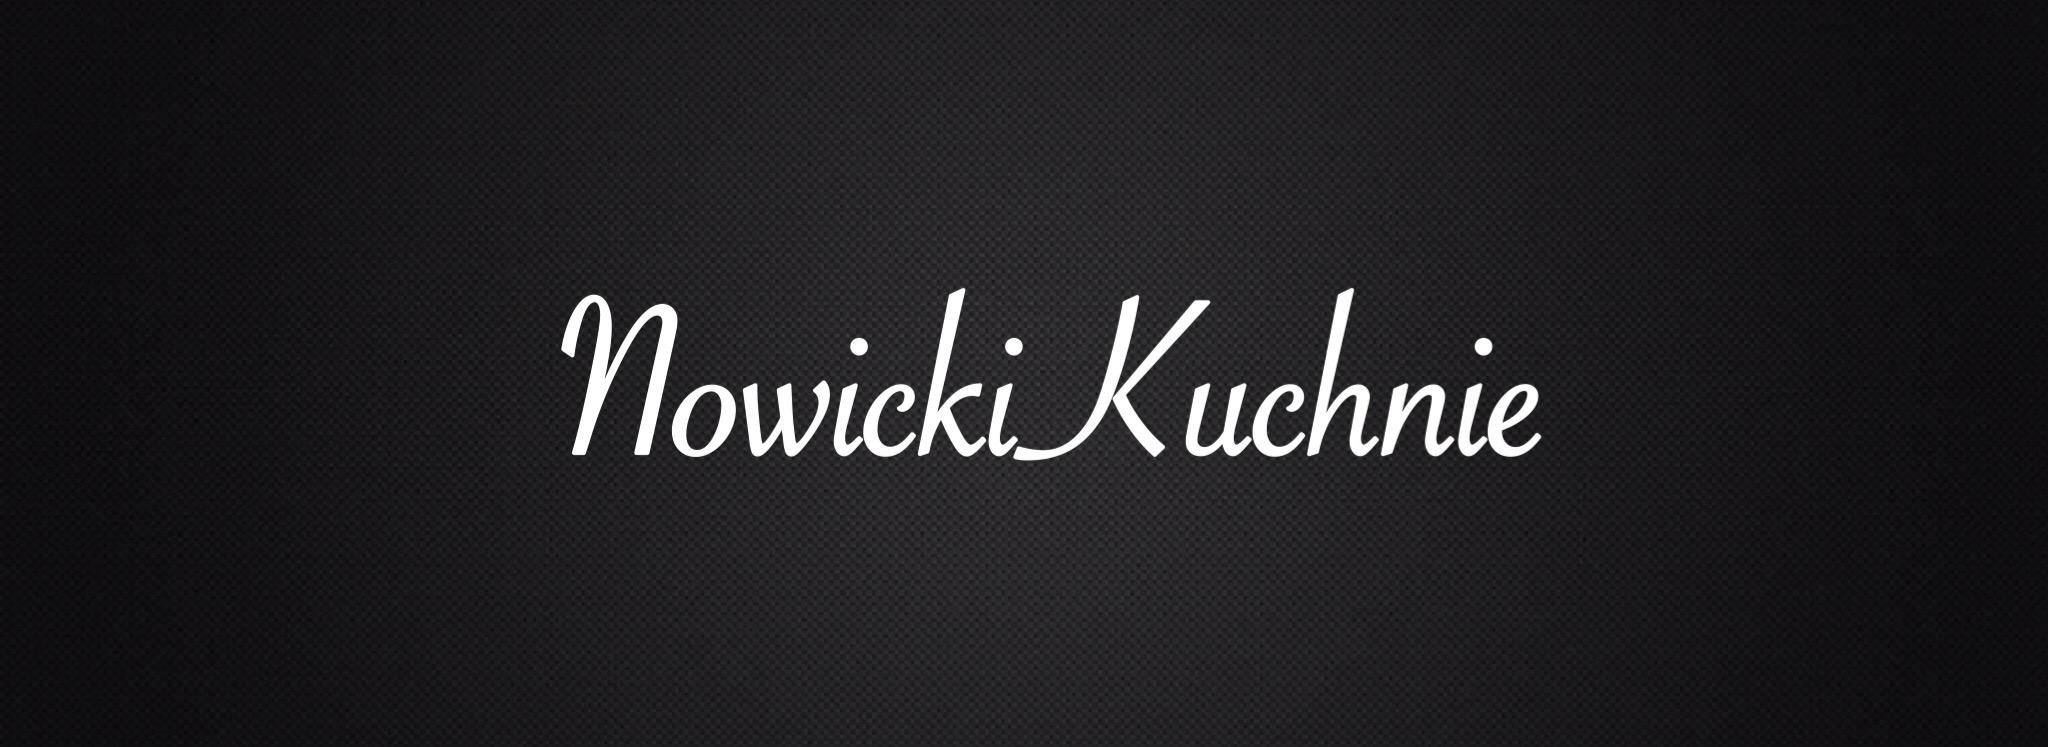 Nowicki Kuchnie